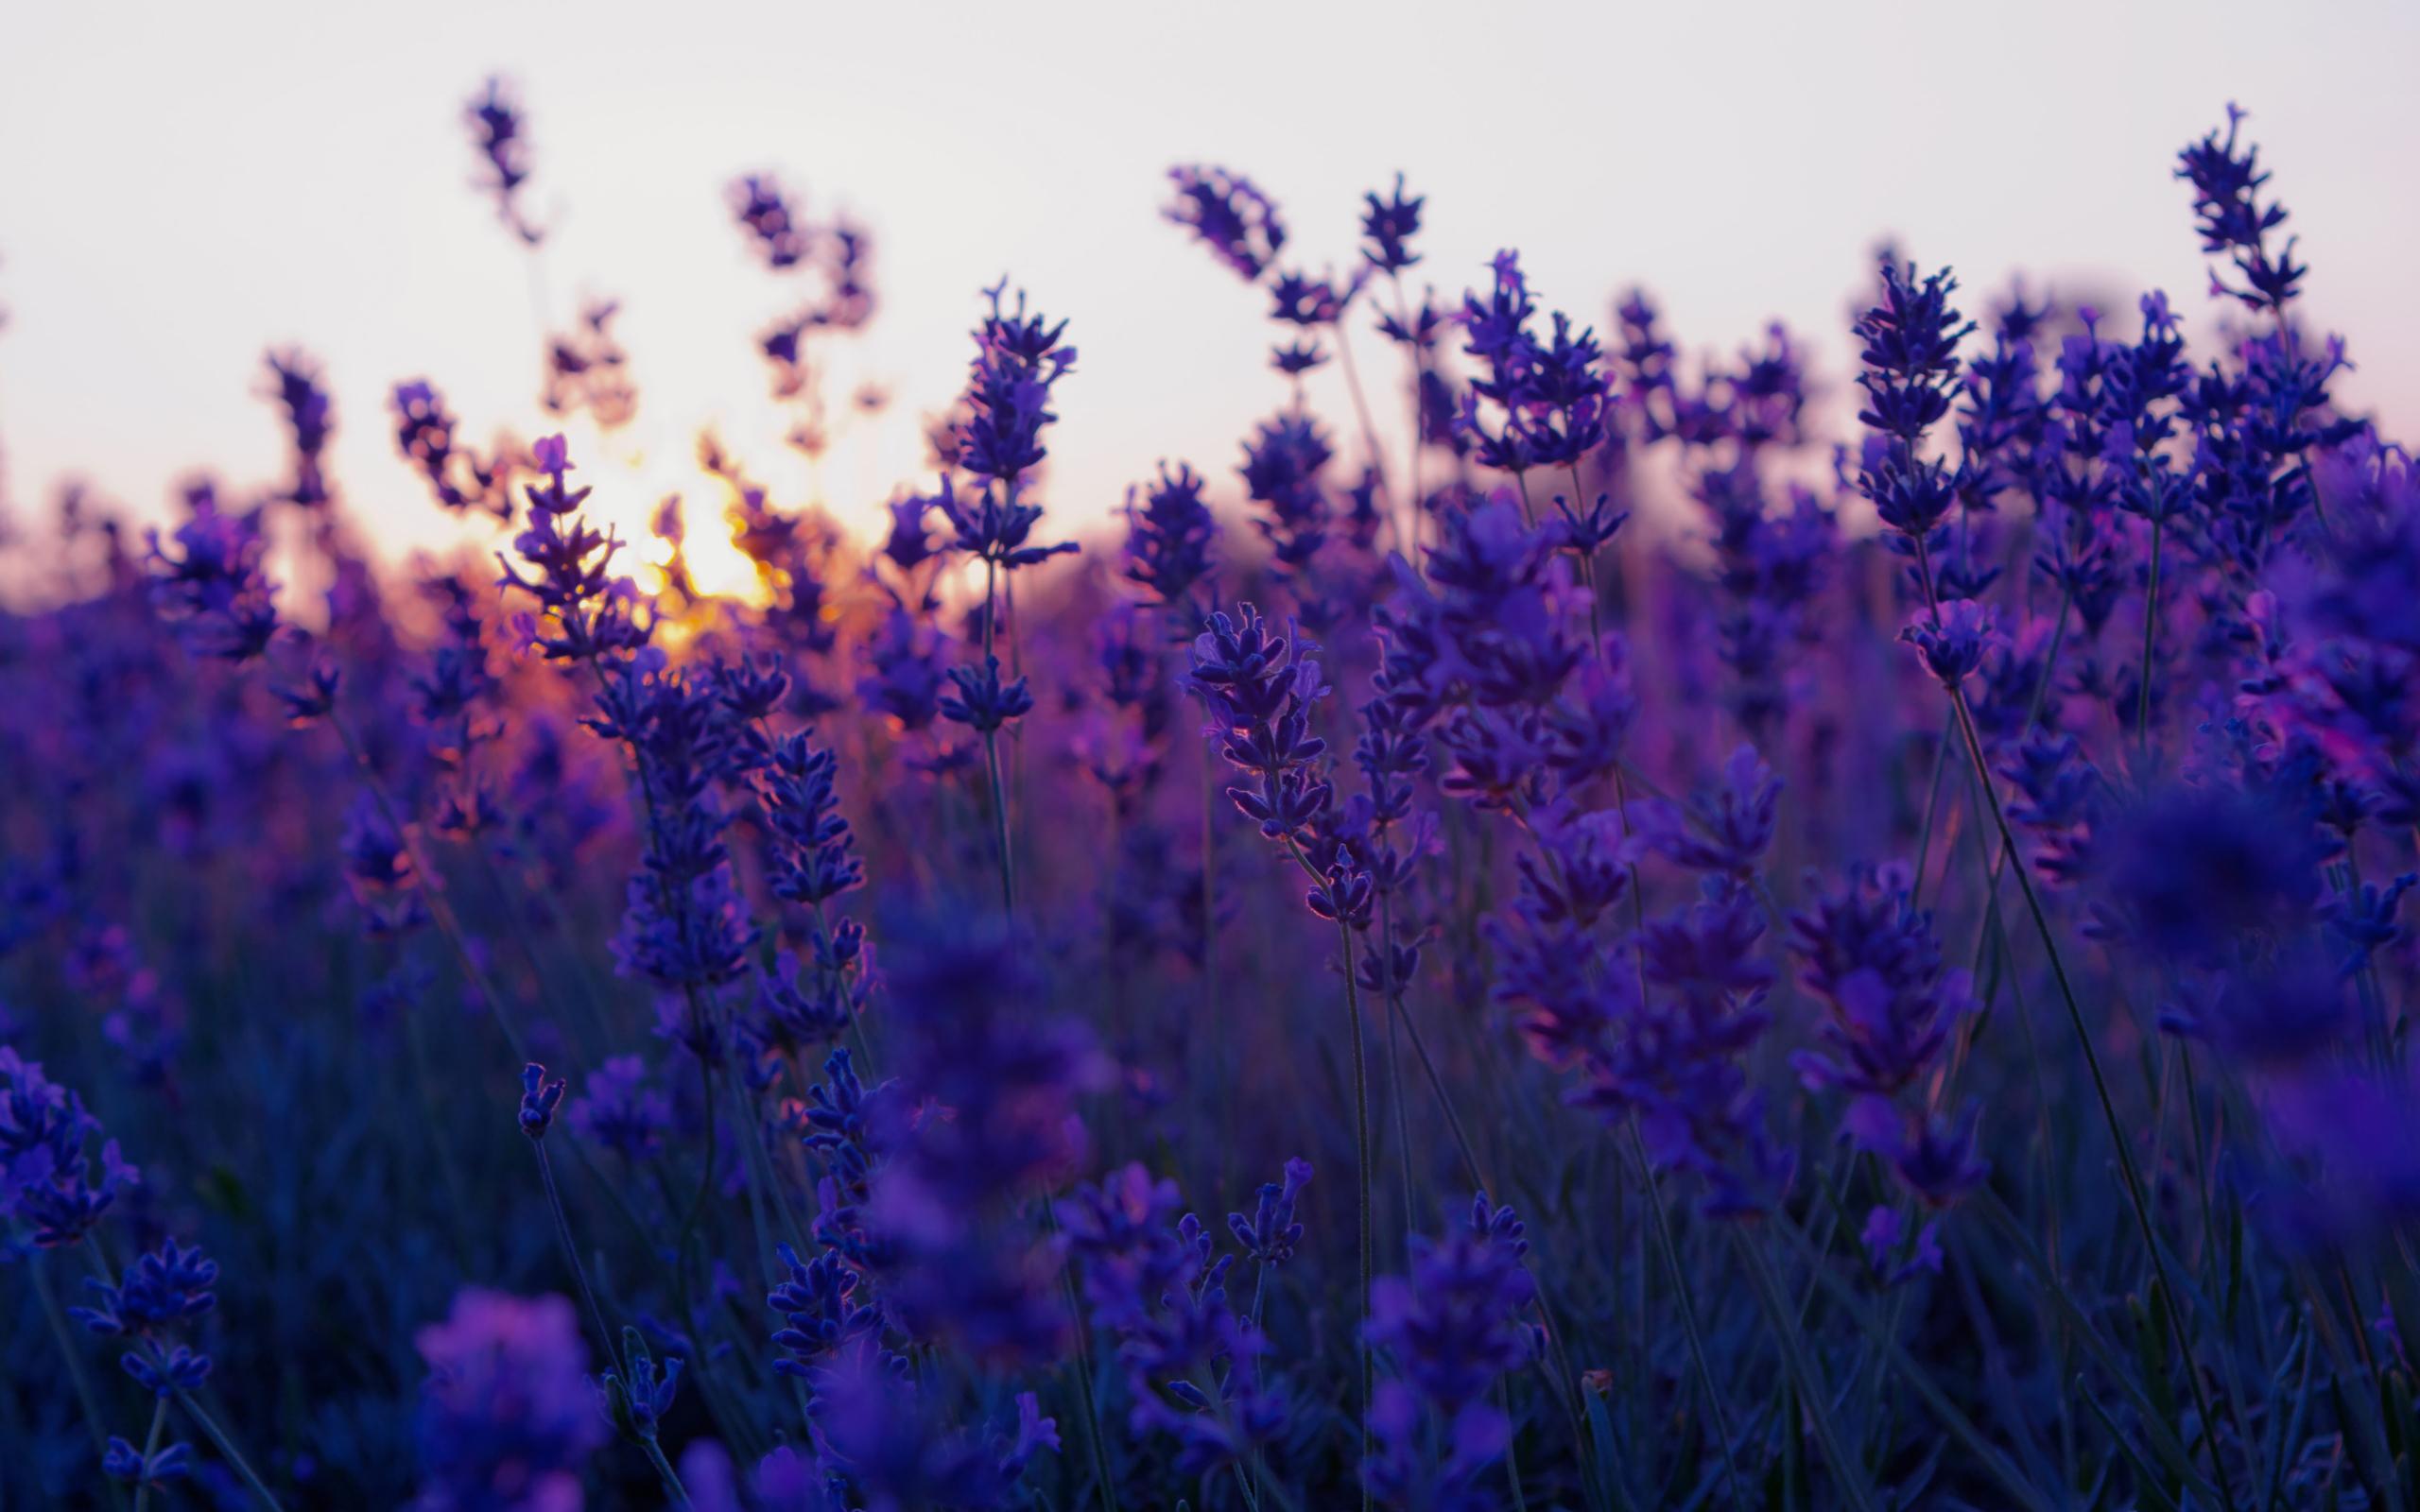 природа цветы фиолетовые трава nature flowers purple grass скачать